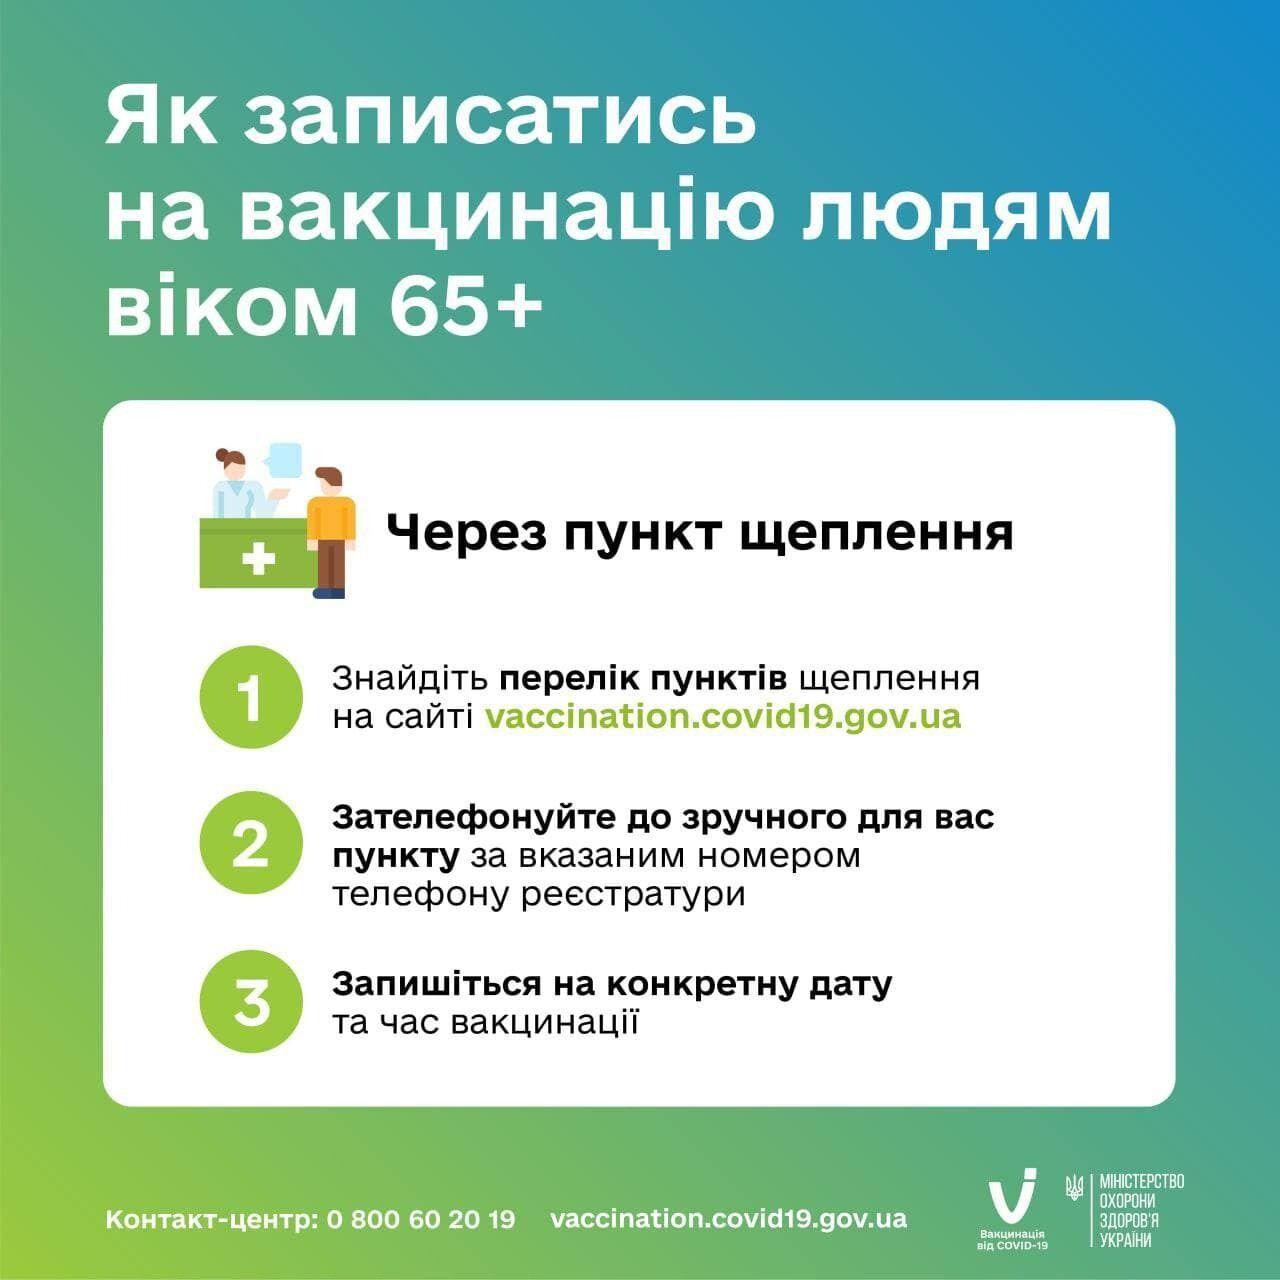 В Україні розпочали вакцинацію проти COVID-19 людей віком 65+: як записатися